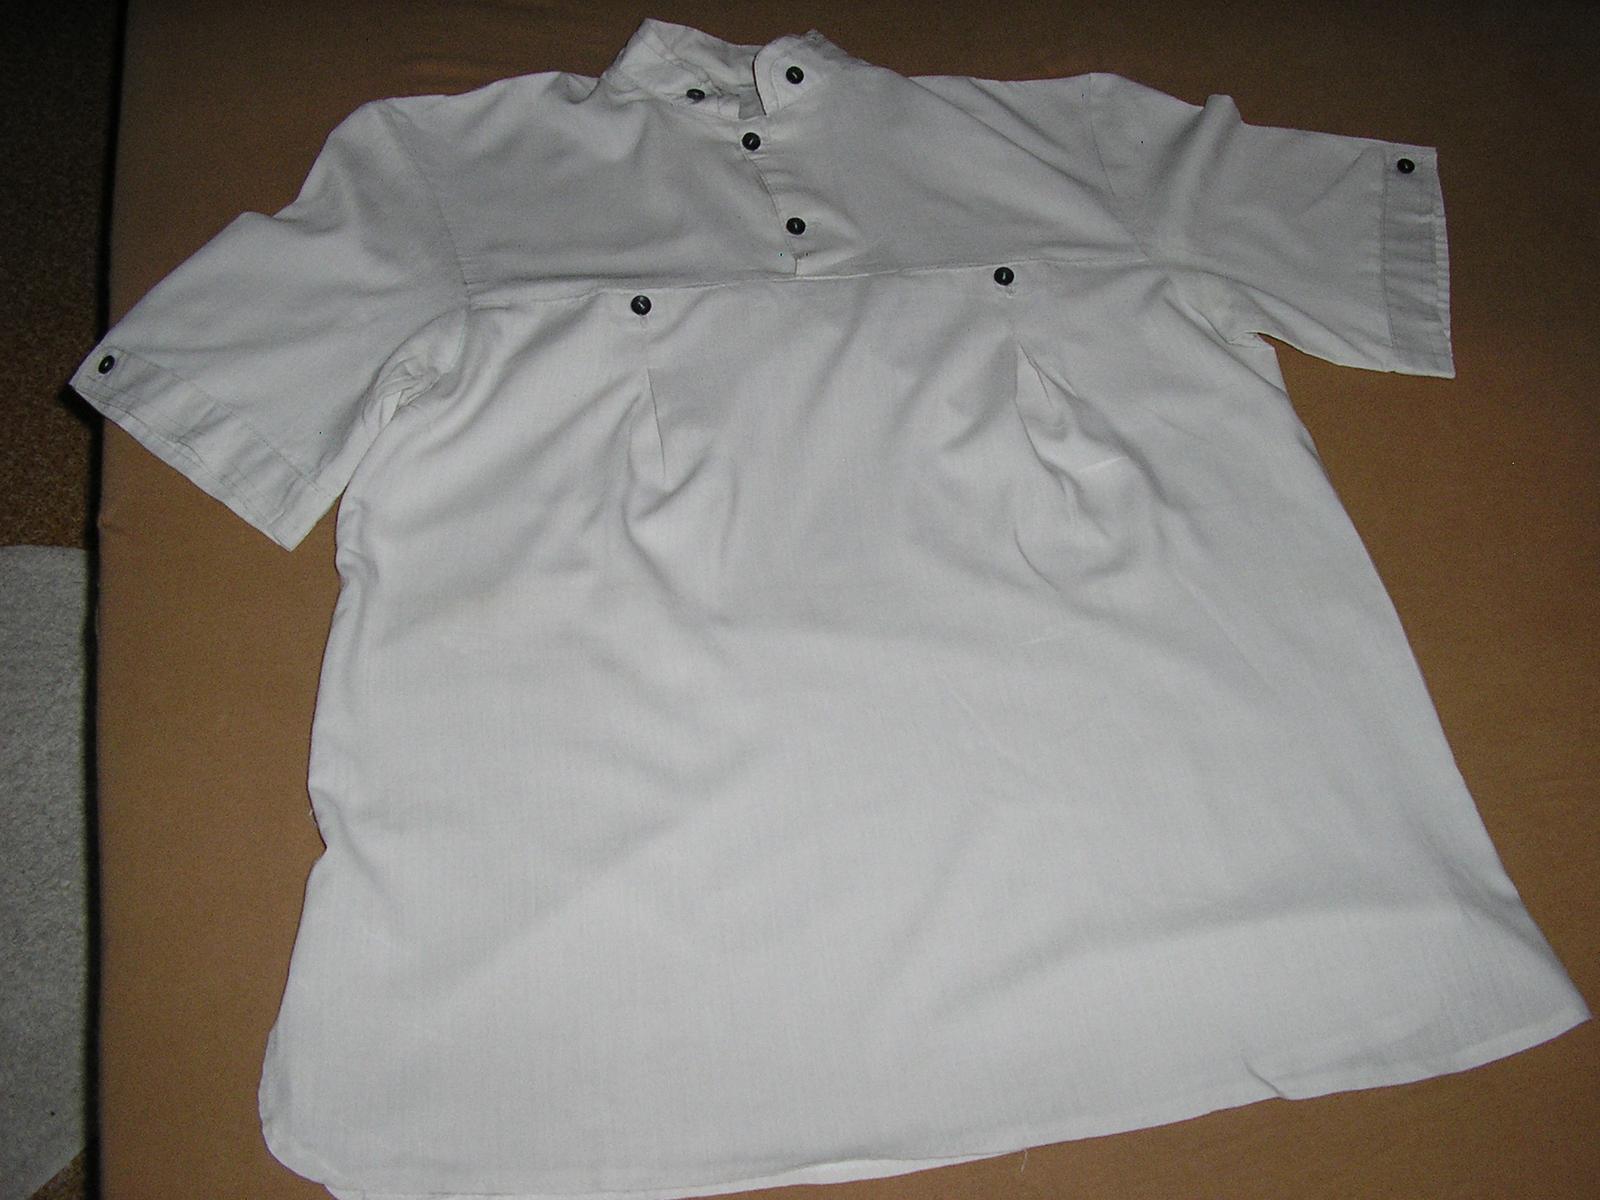 71 košeľa pánska  - Obrázok č. 1